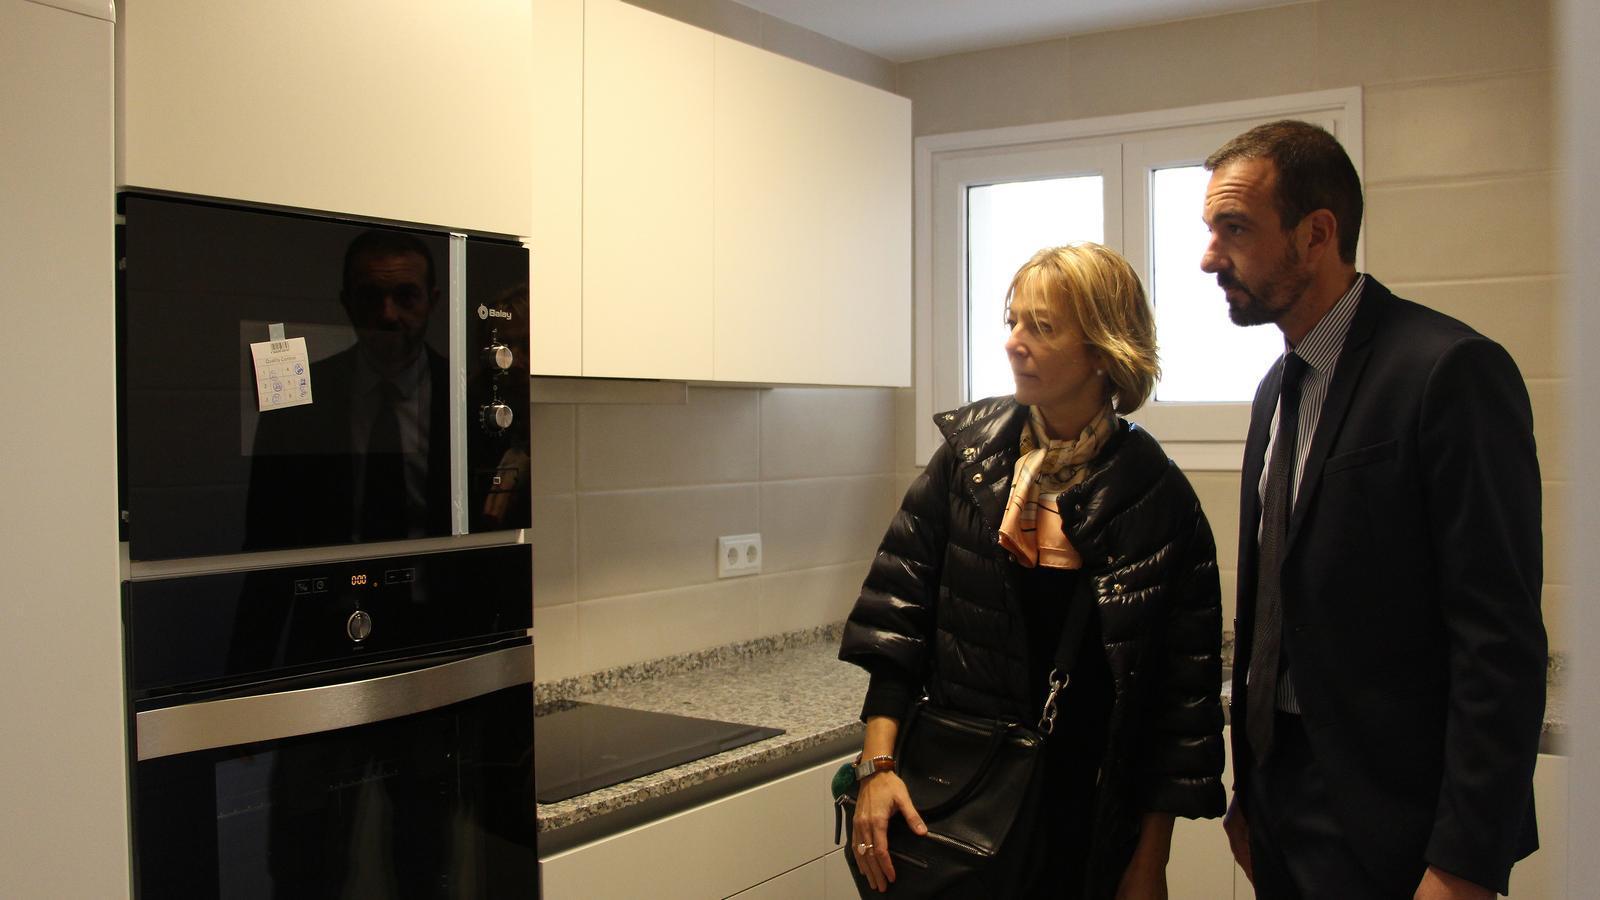 El ministre d'Ordenament Territorial, Jordi Torres, i la secretària d'Estat d'Afers Socials i Ocupació, Ester Fenoll, visiten un pis social ubicat a Encamp. / ARXIU ANA